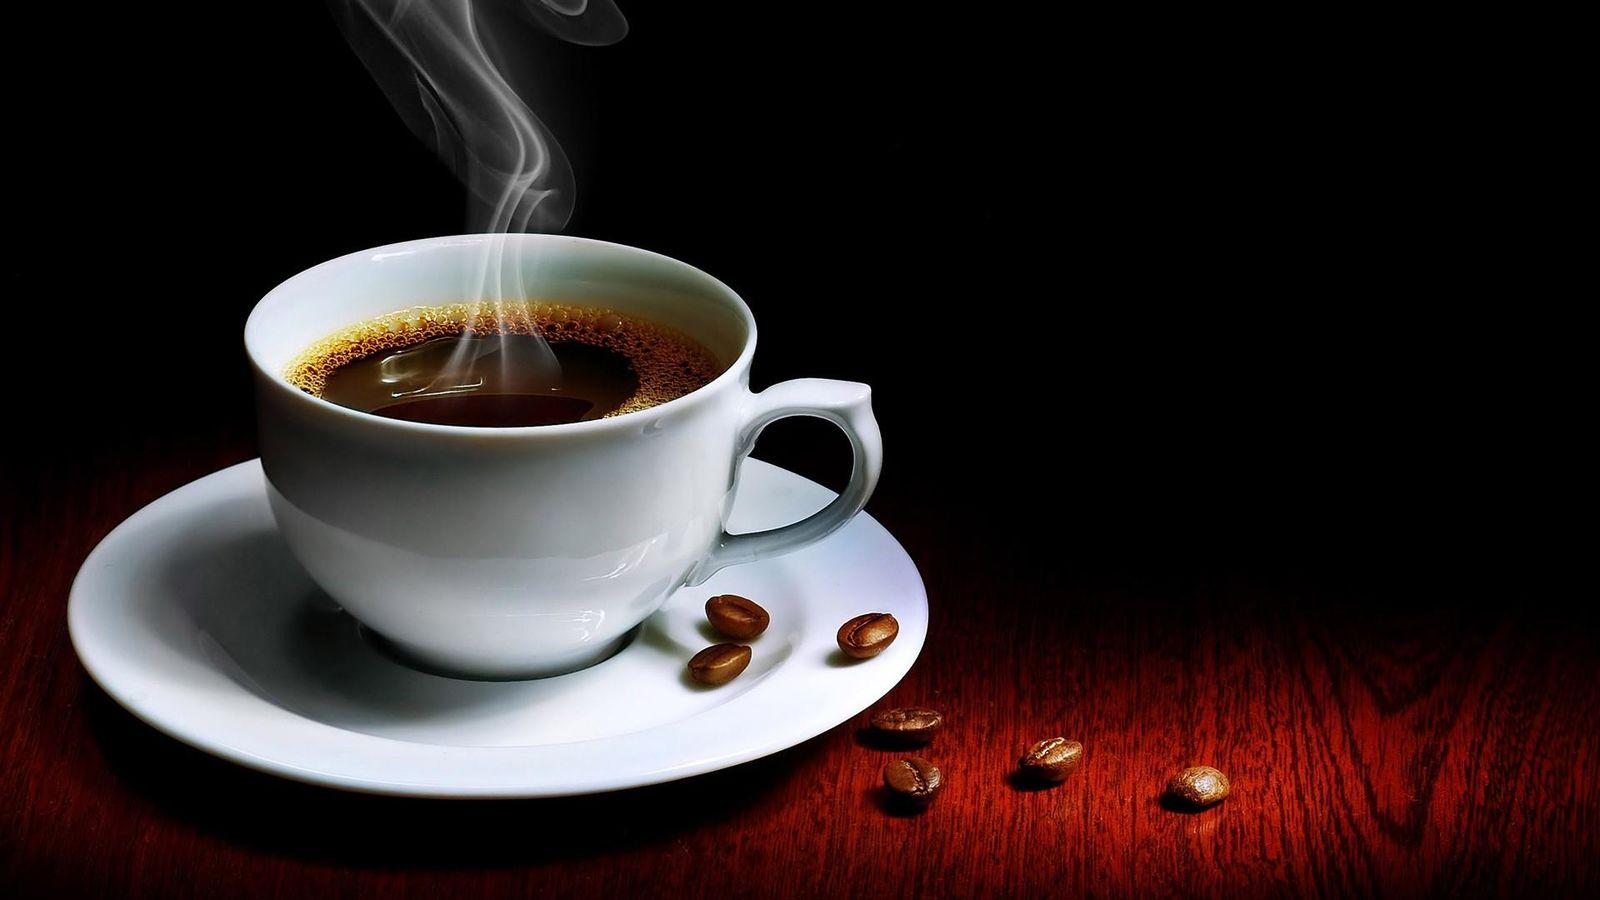 """另类""""黑色""""商品迎牛市:咖啡价格涨至一年半"""